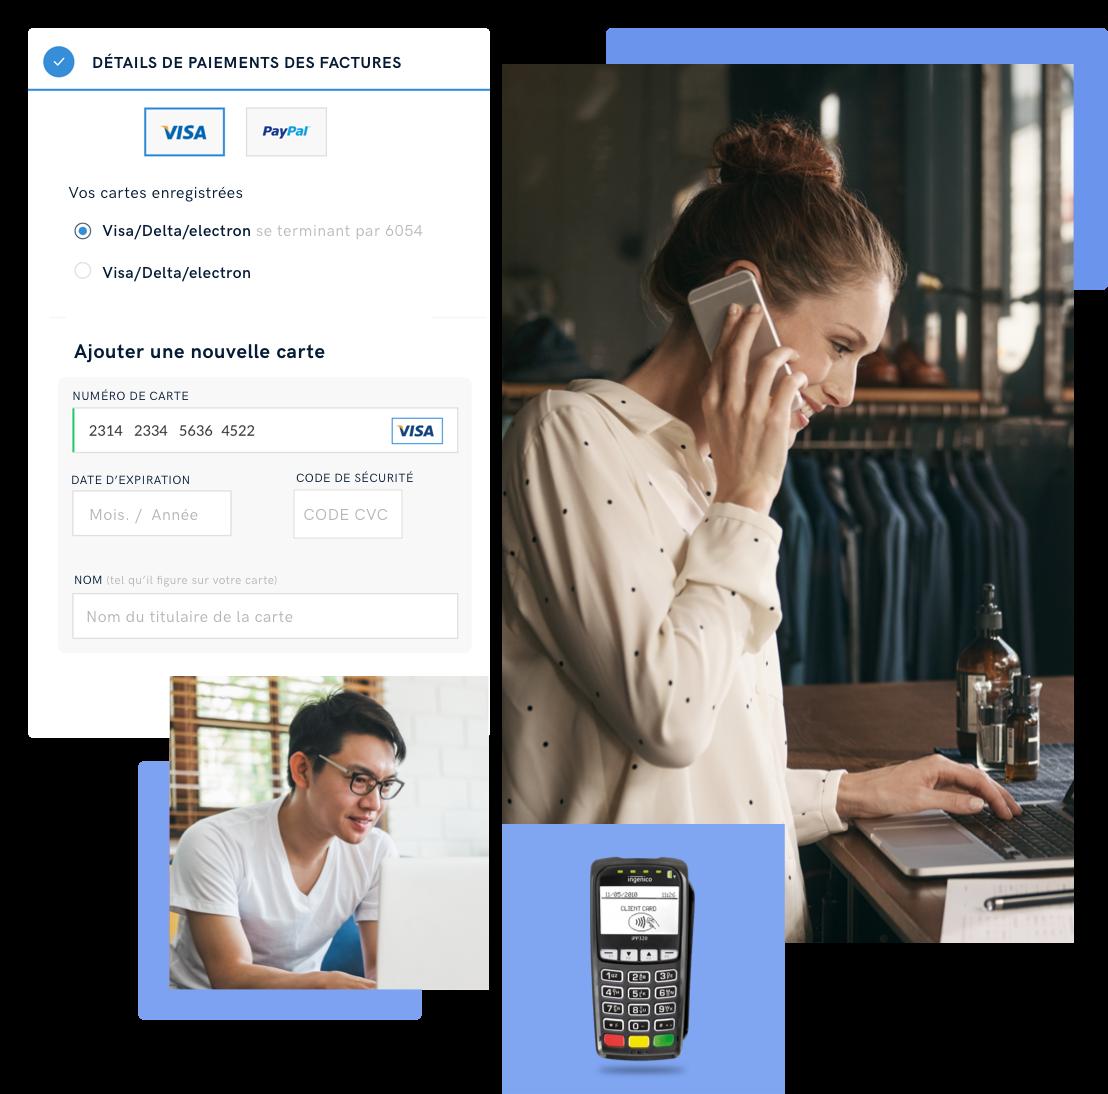 Accepter le paiement sur un terminal virtuel par téléphone